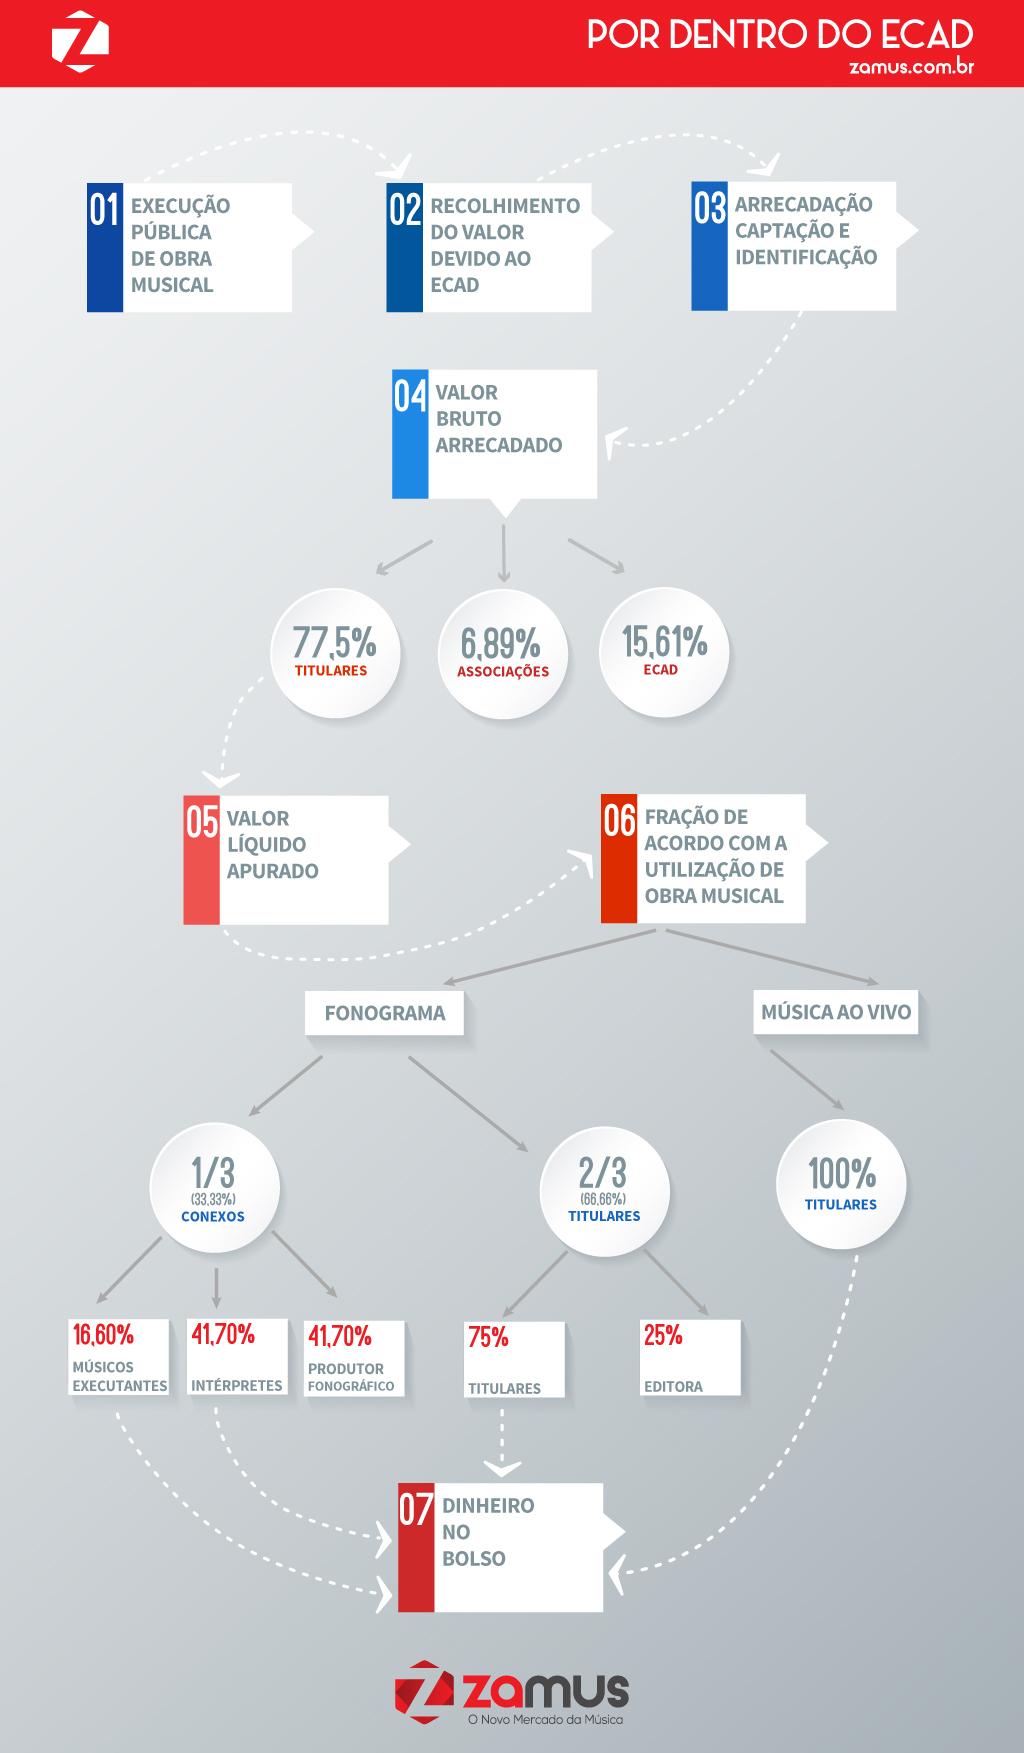 Por dentro do ECAD - Infográfico - Processo de distribuição de direito autoral